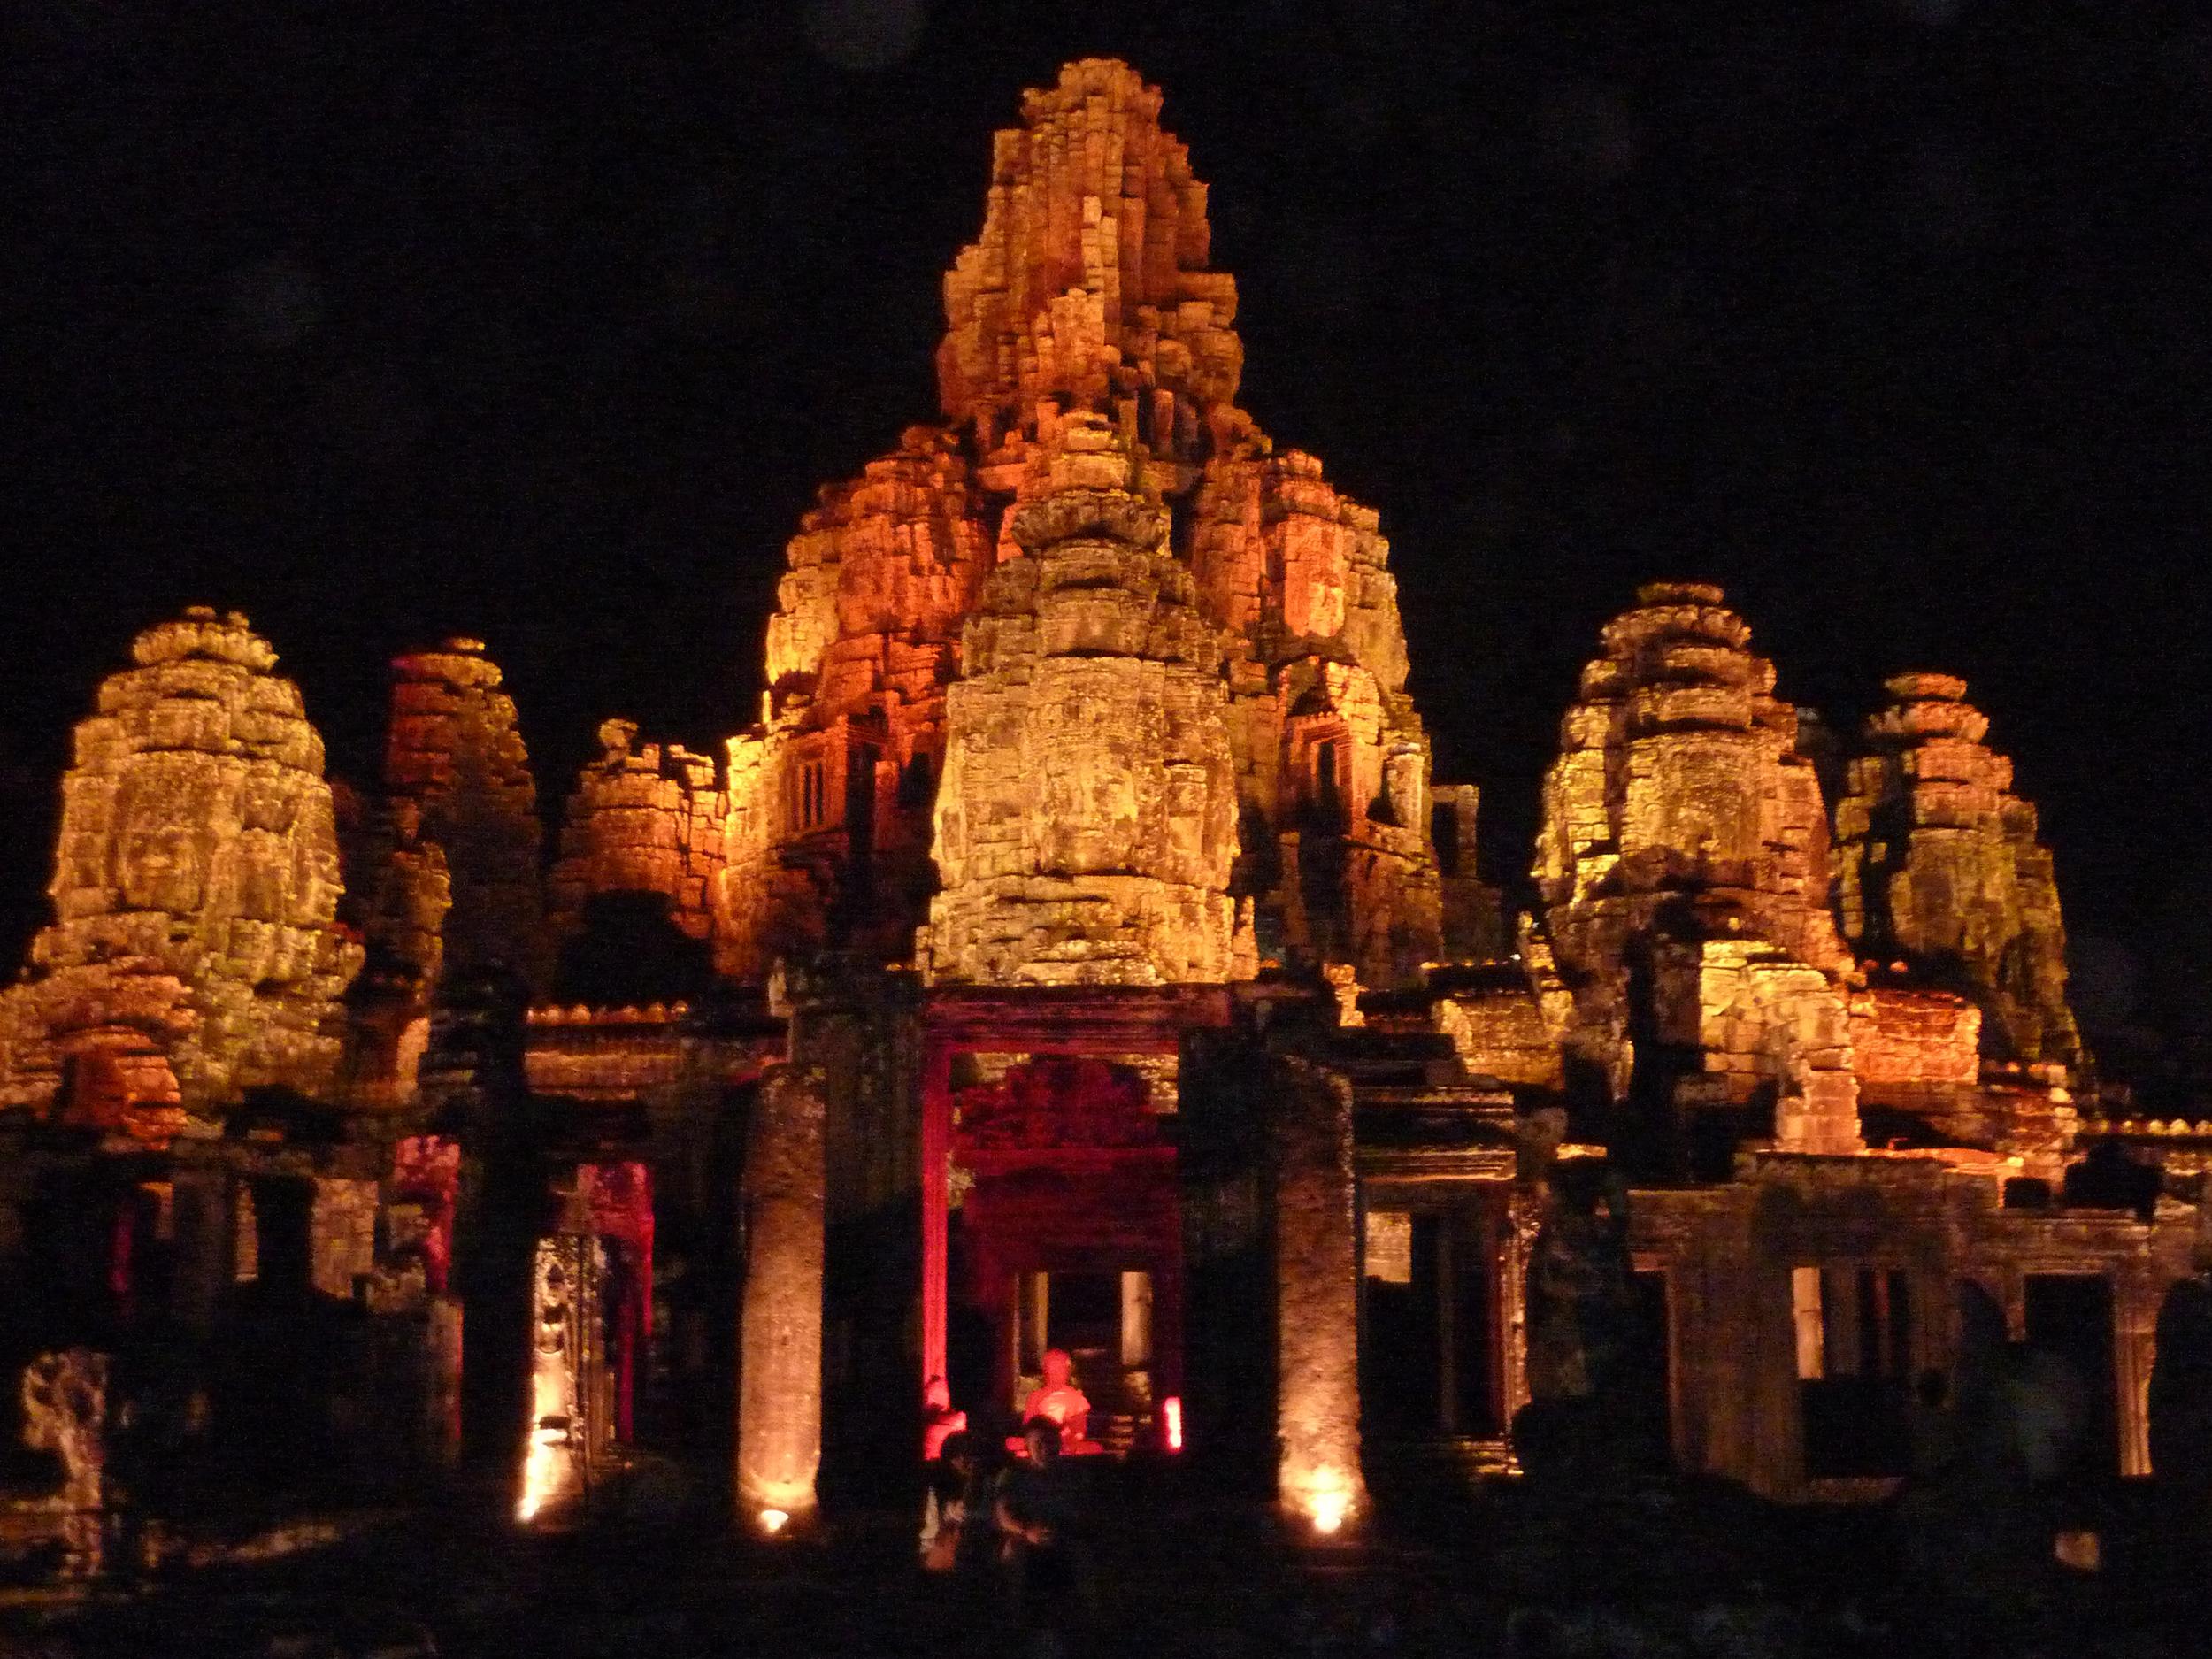 Bayon Temple at night